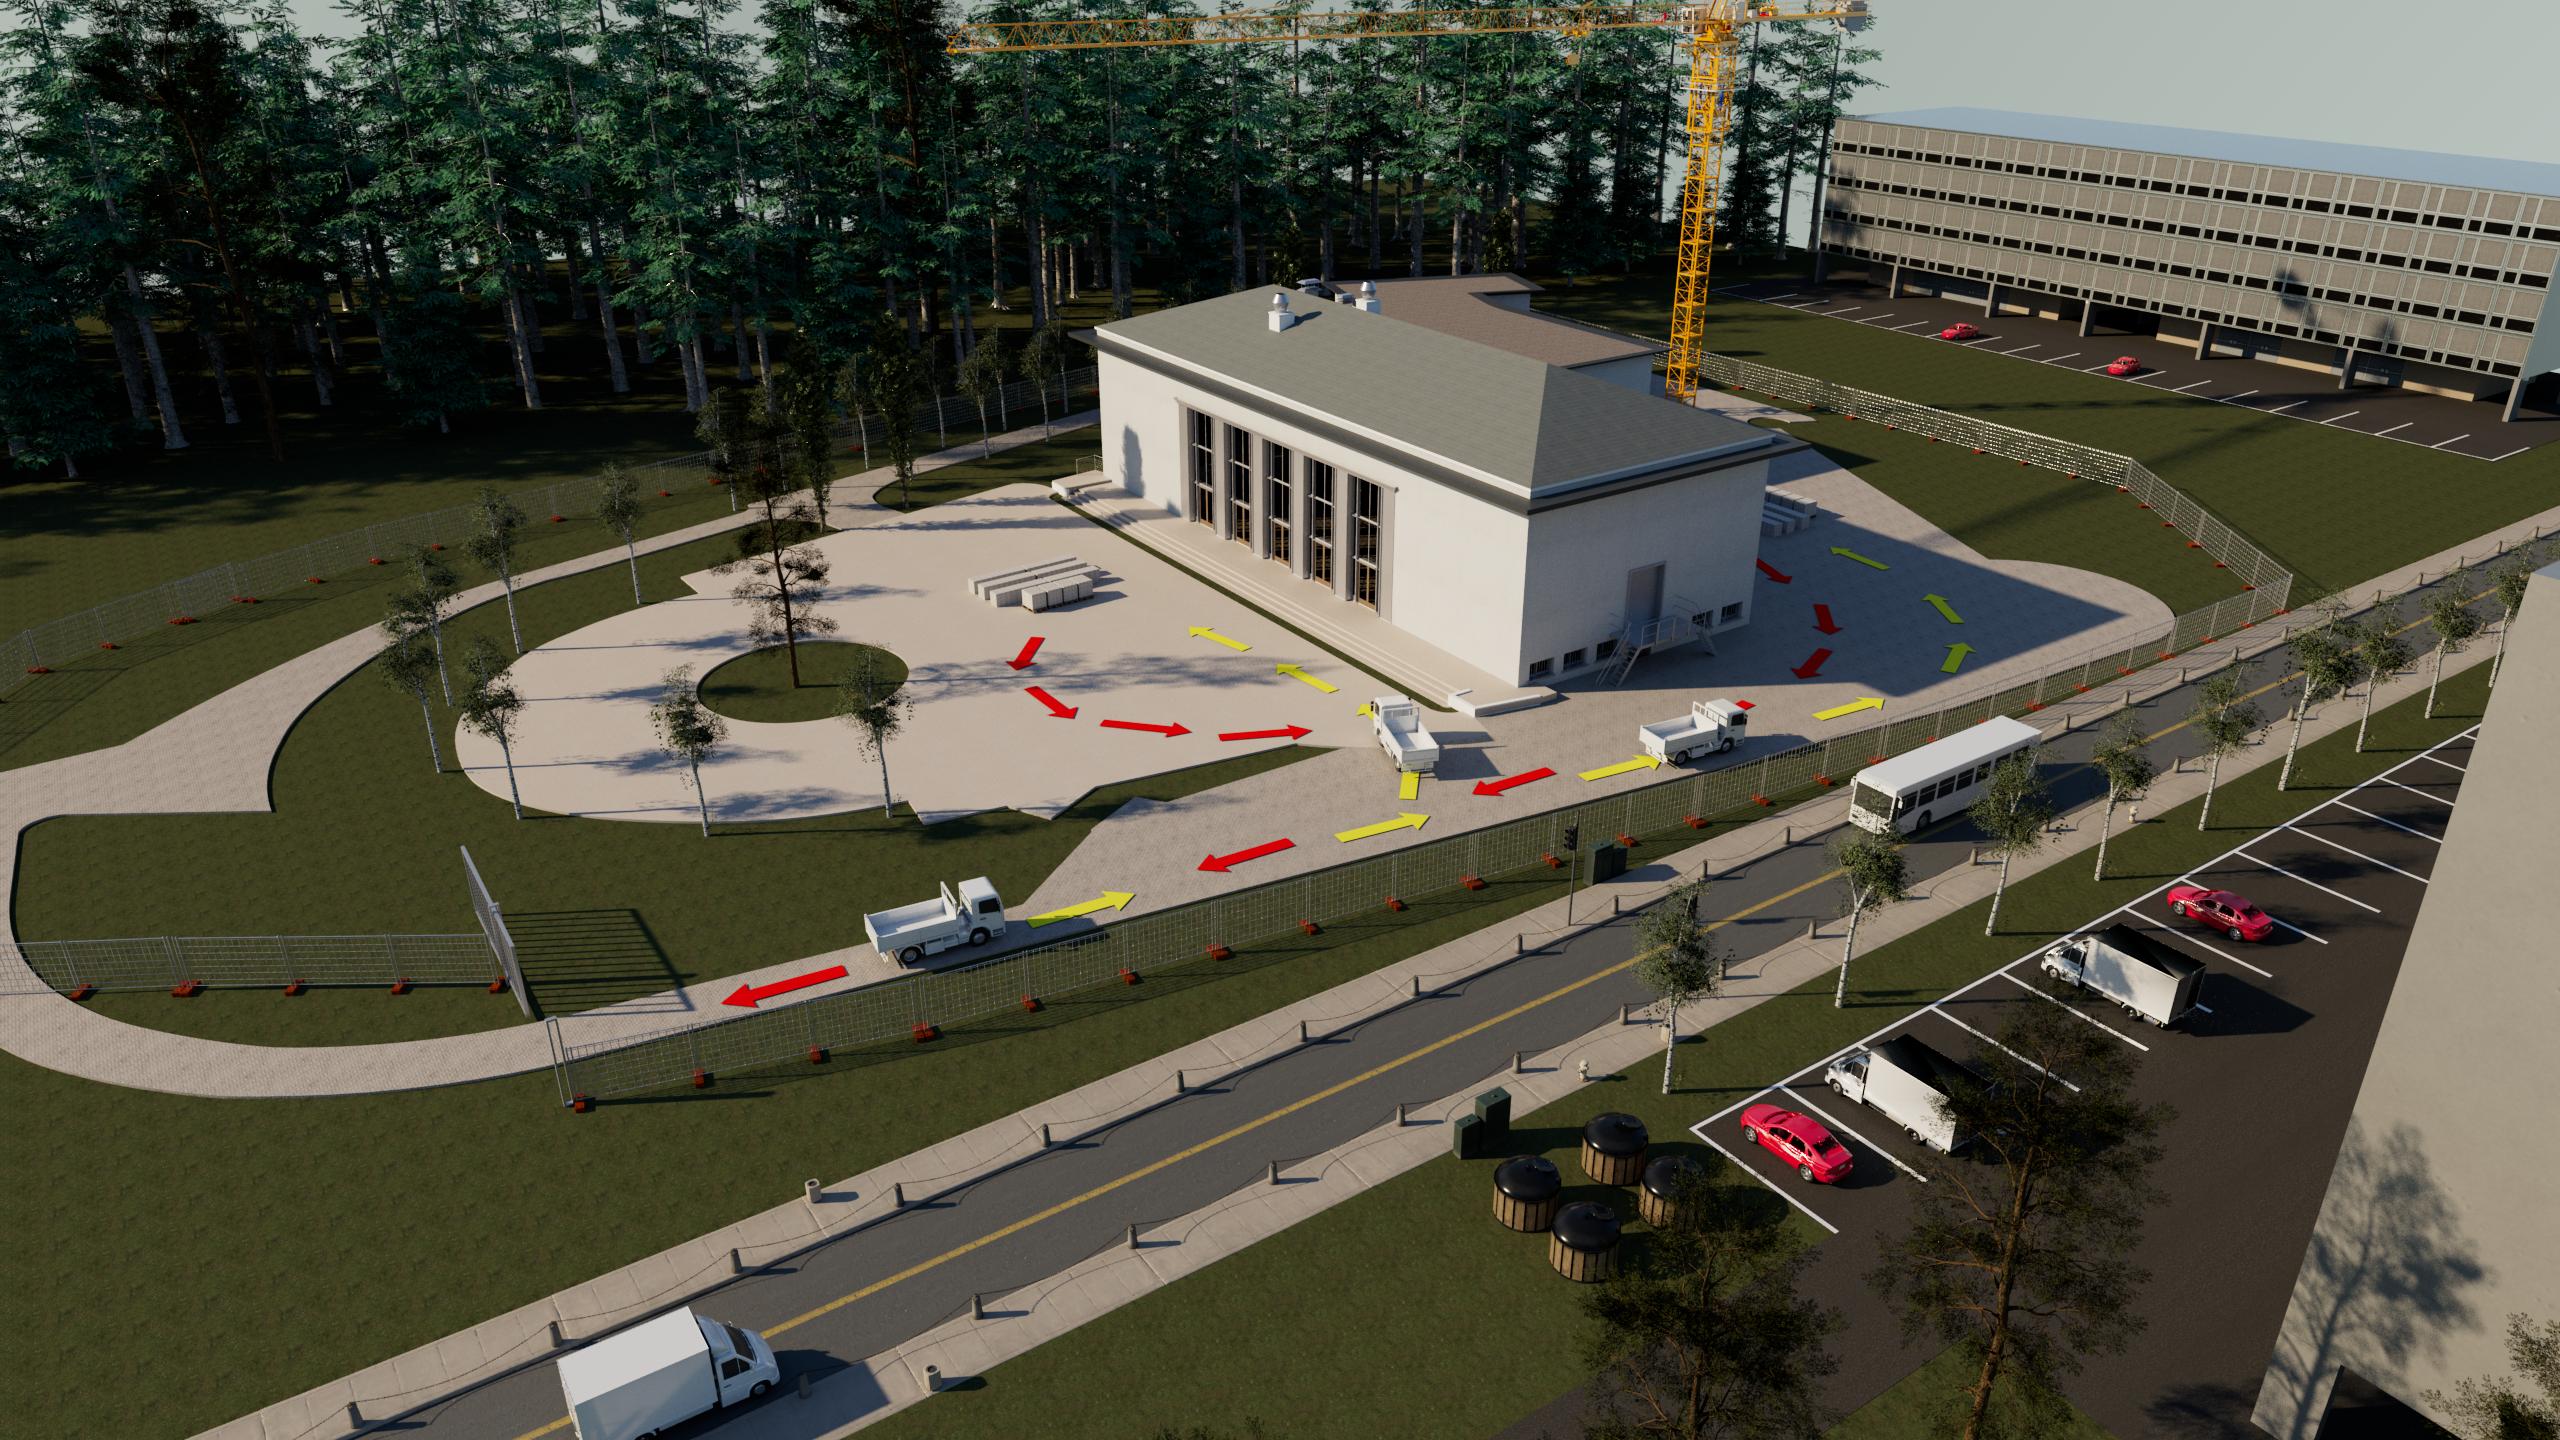 Plan de circulations d'engins sur installation de chantier 3D - Dylan MARTINS